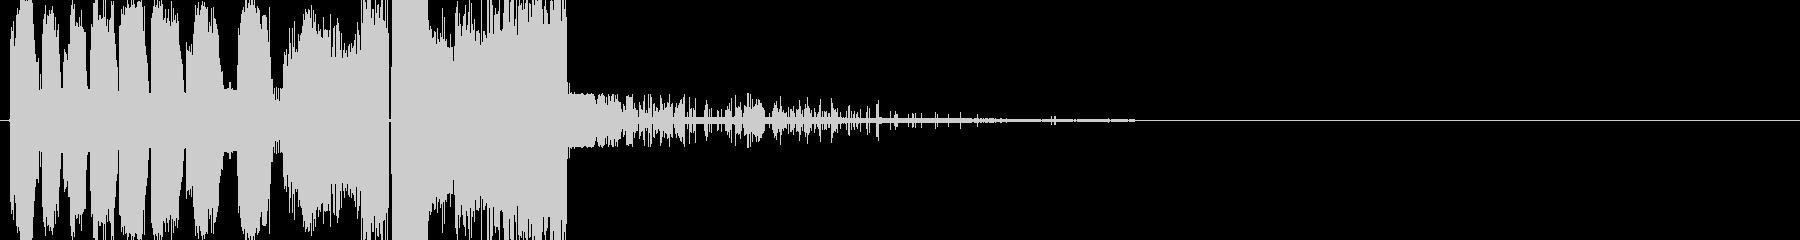 クランシーバージョン1の未再生の波形